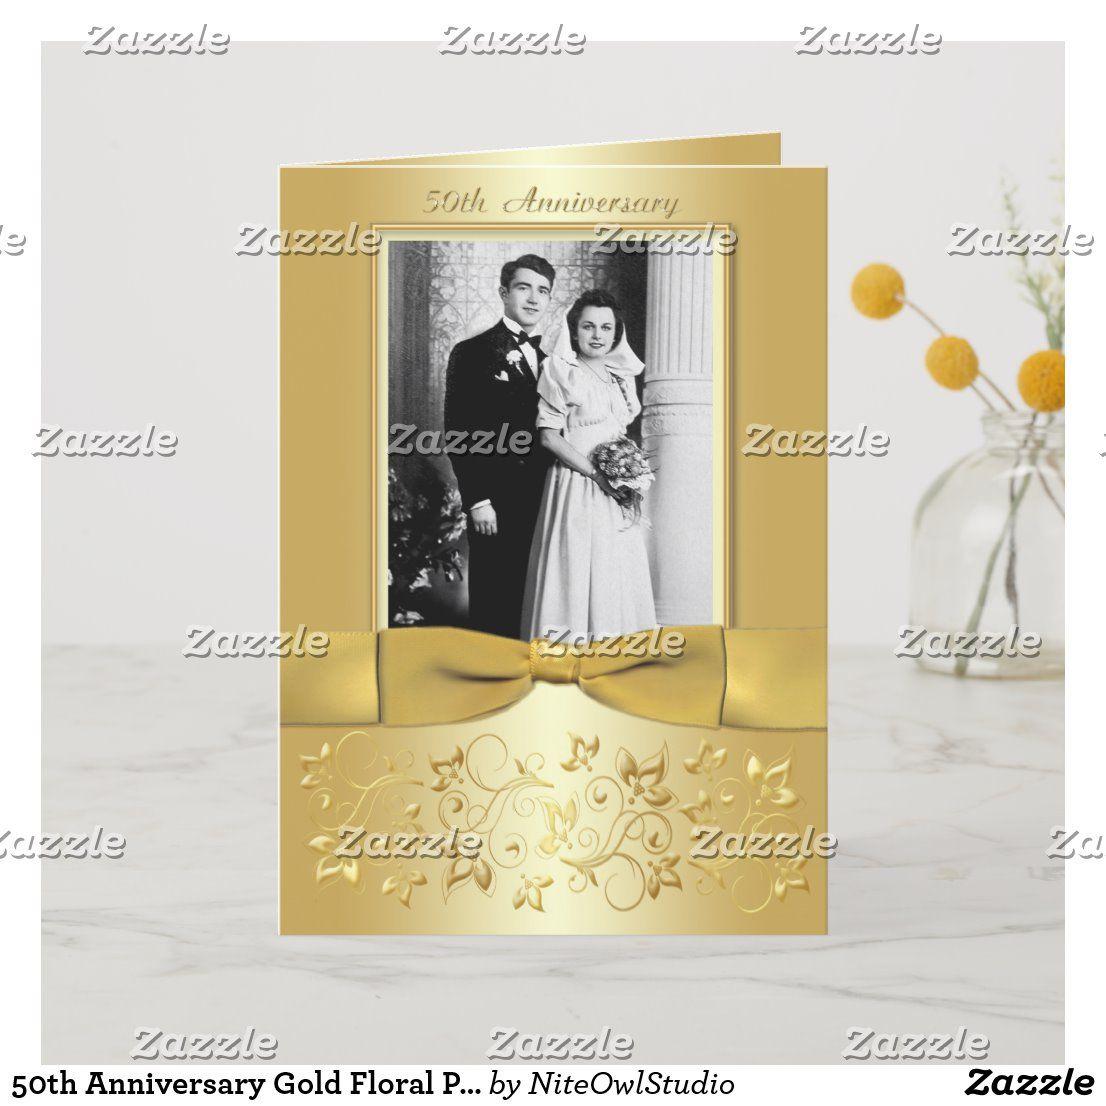 50th Anniversary Gold Floral Photo Invitation Card Zazzle Com 50th Anniversary Invitations 50th Wedding Anniversary Invitations Anniversary Invitations